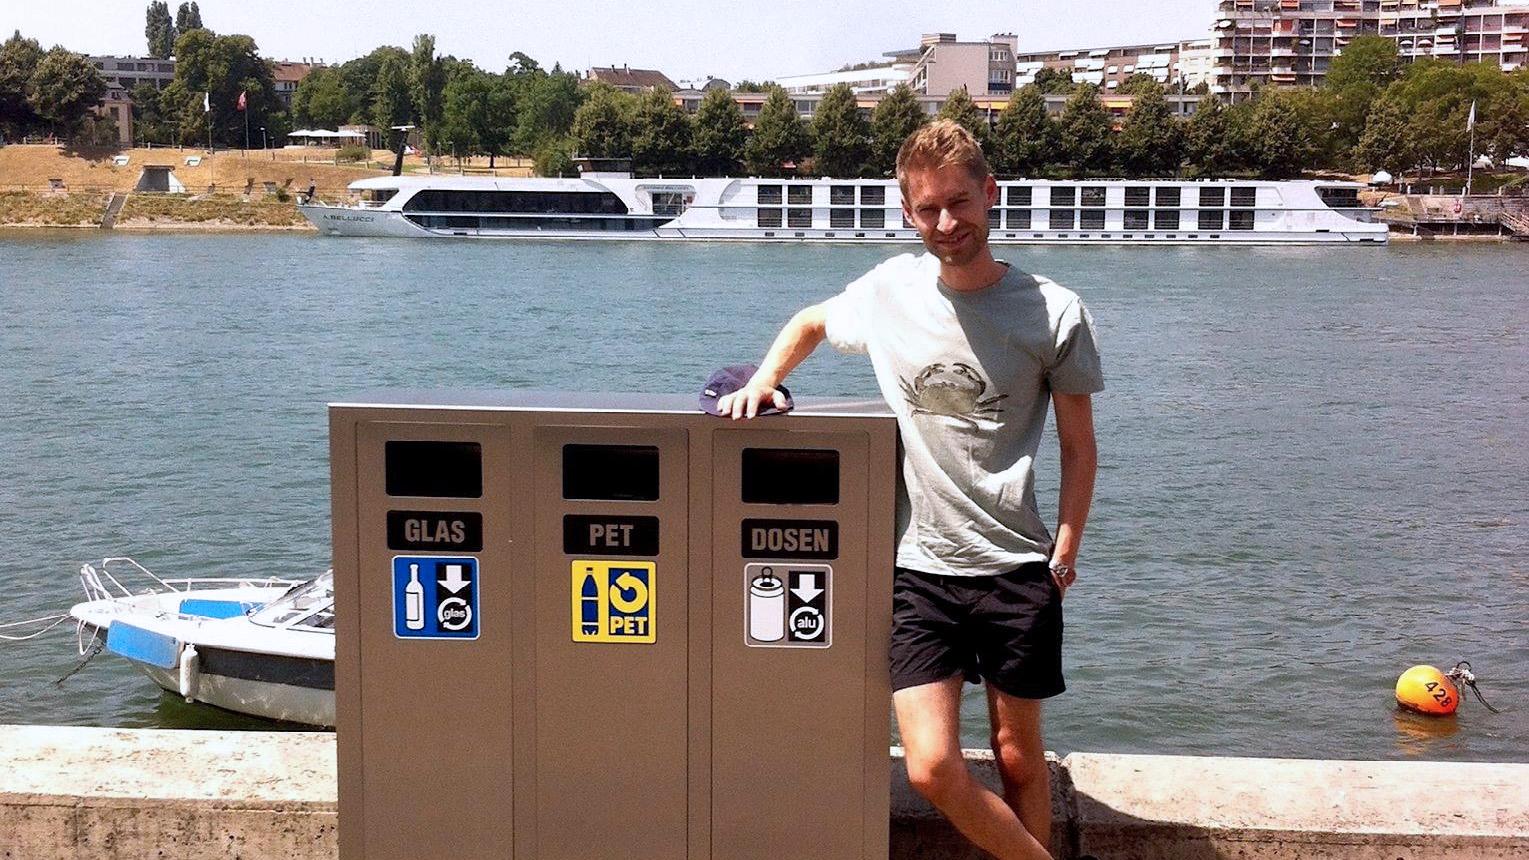 Der Versuch mit den Recycling-Containern geht auf eine Petition des Aktivisten Simon Aeberhard zurück.